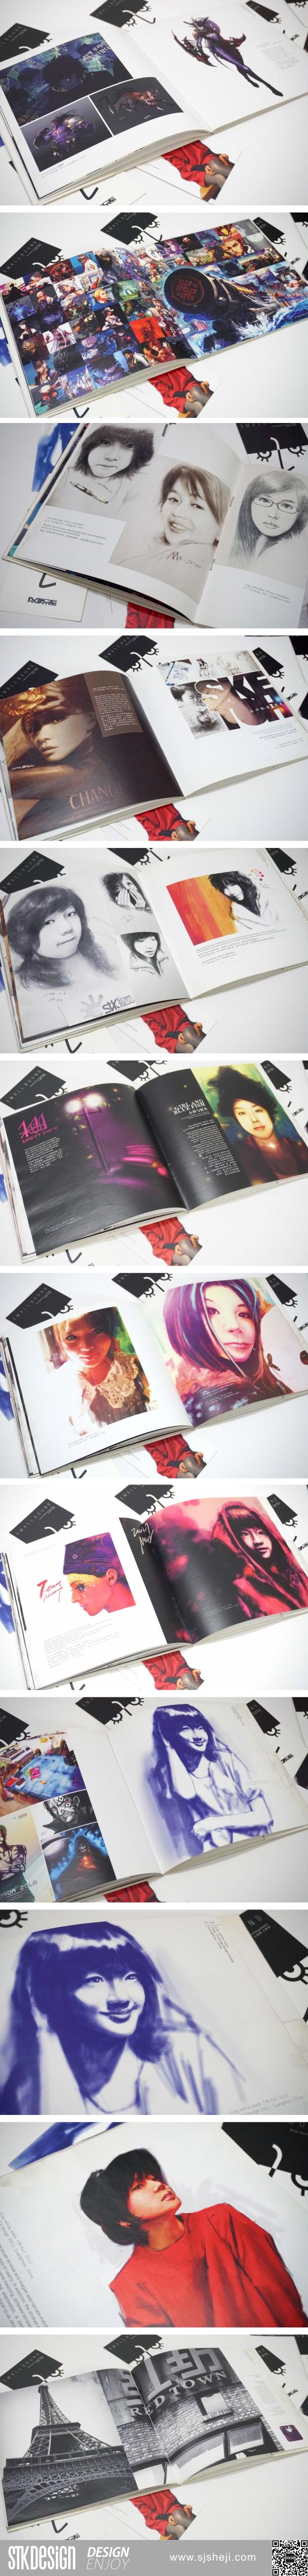 小束负作品集画册设计